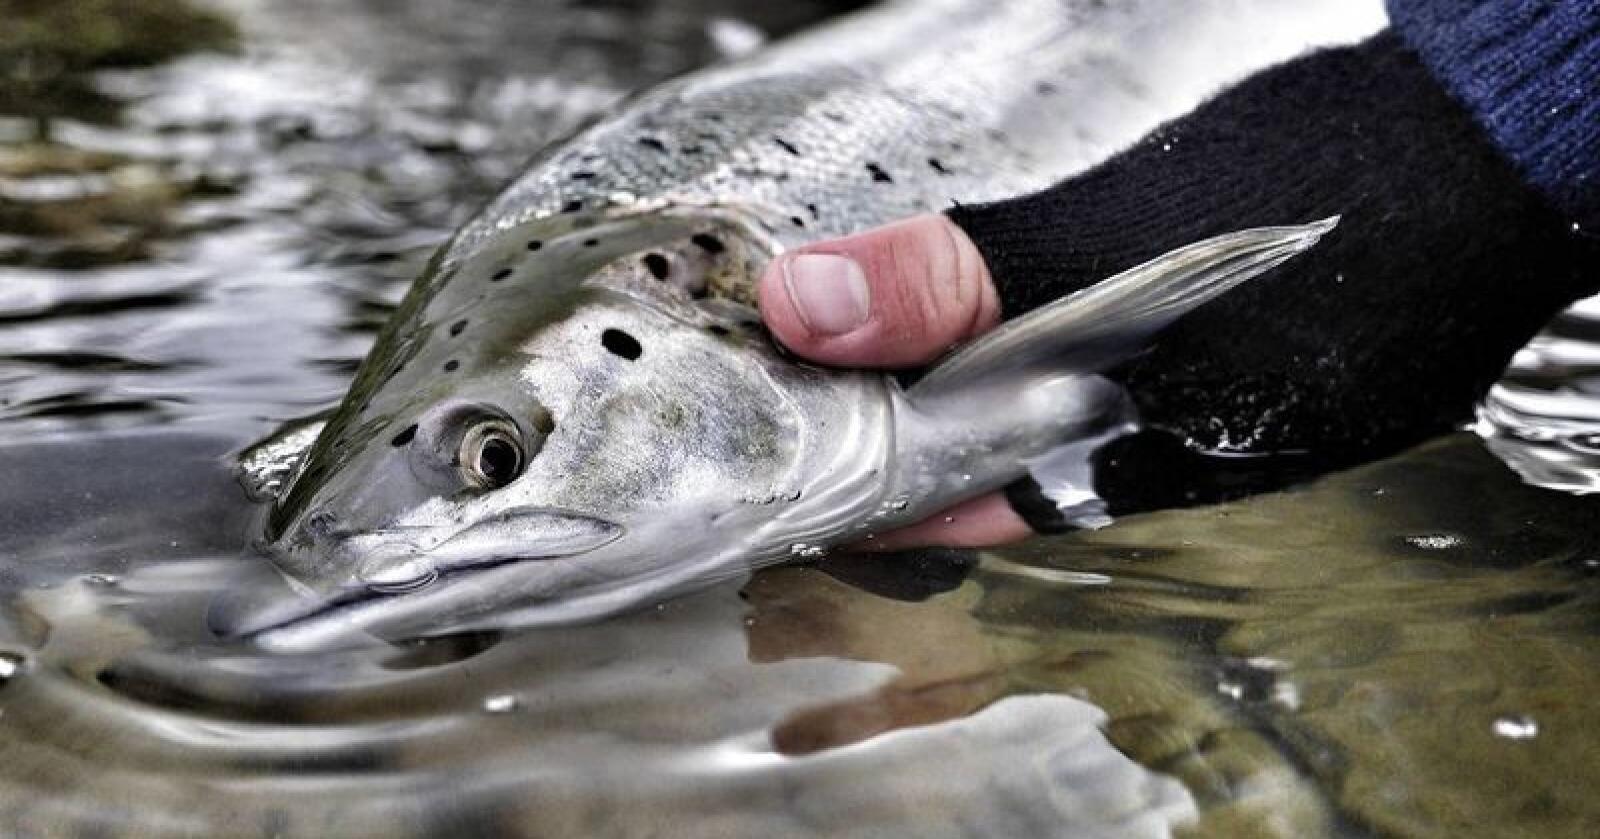 Norske Lakseelver estimerer at det ble fisket ca. 97 000 laks i årets sesong, hvorav ca. 20 000 ble gjenutsatt levende. Foto: Norske Lakseelver